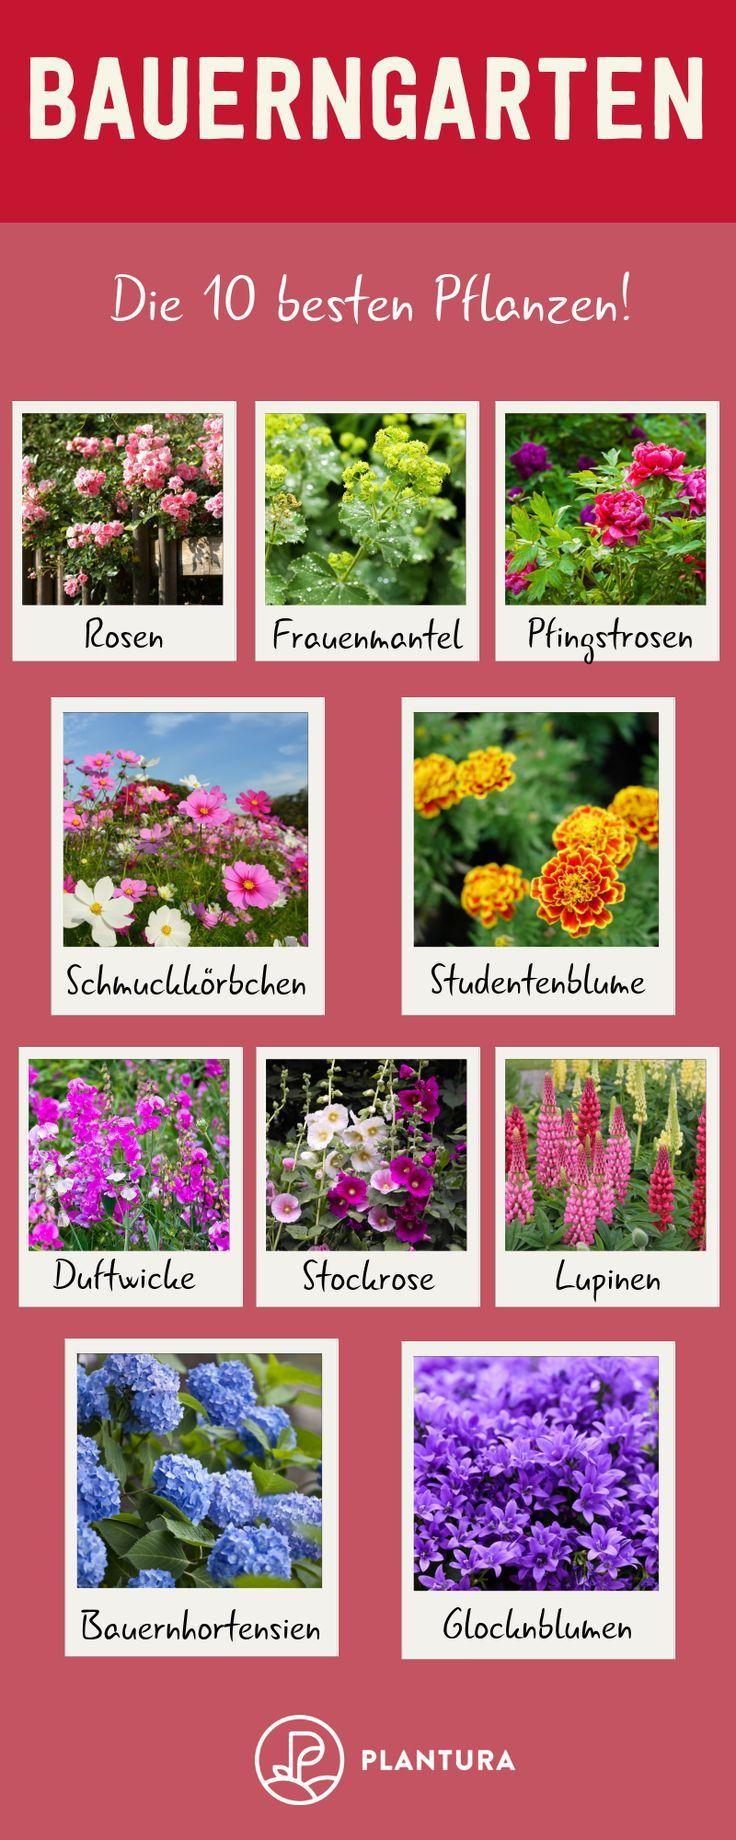 Photo of Jardín de granja: las mejores plantas y consejos para plantar – Plantura